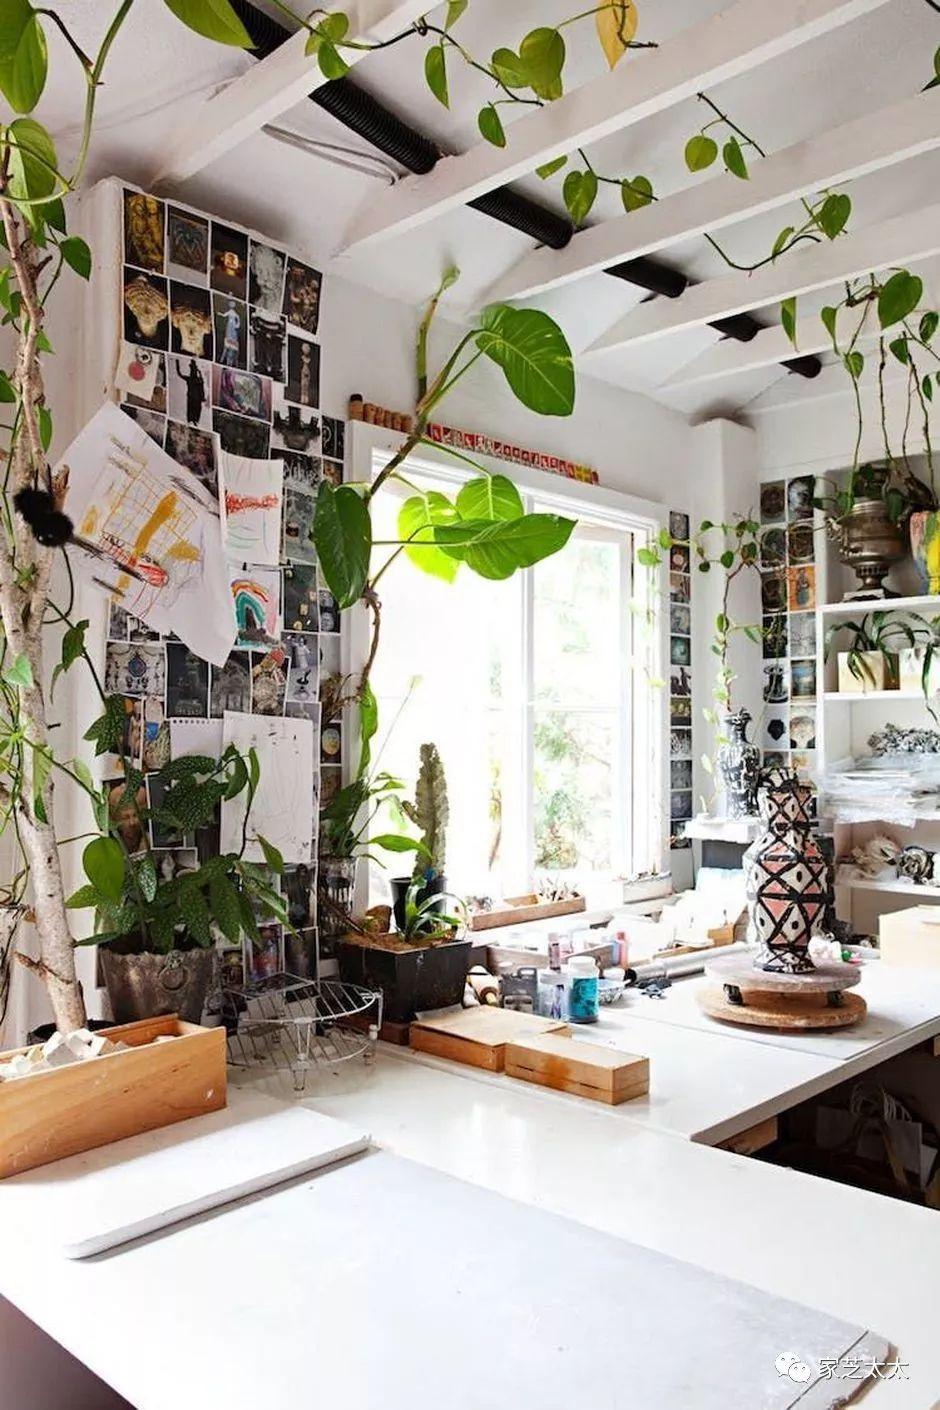 阳台种植爬山虎_有哪些适合家里阳台种植的藤本植物? - 知乎